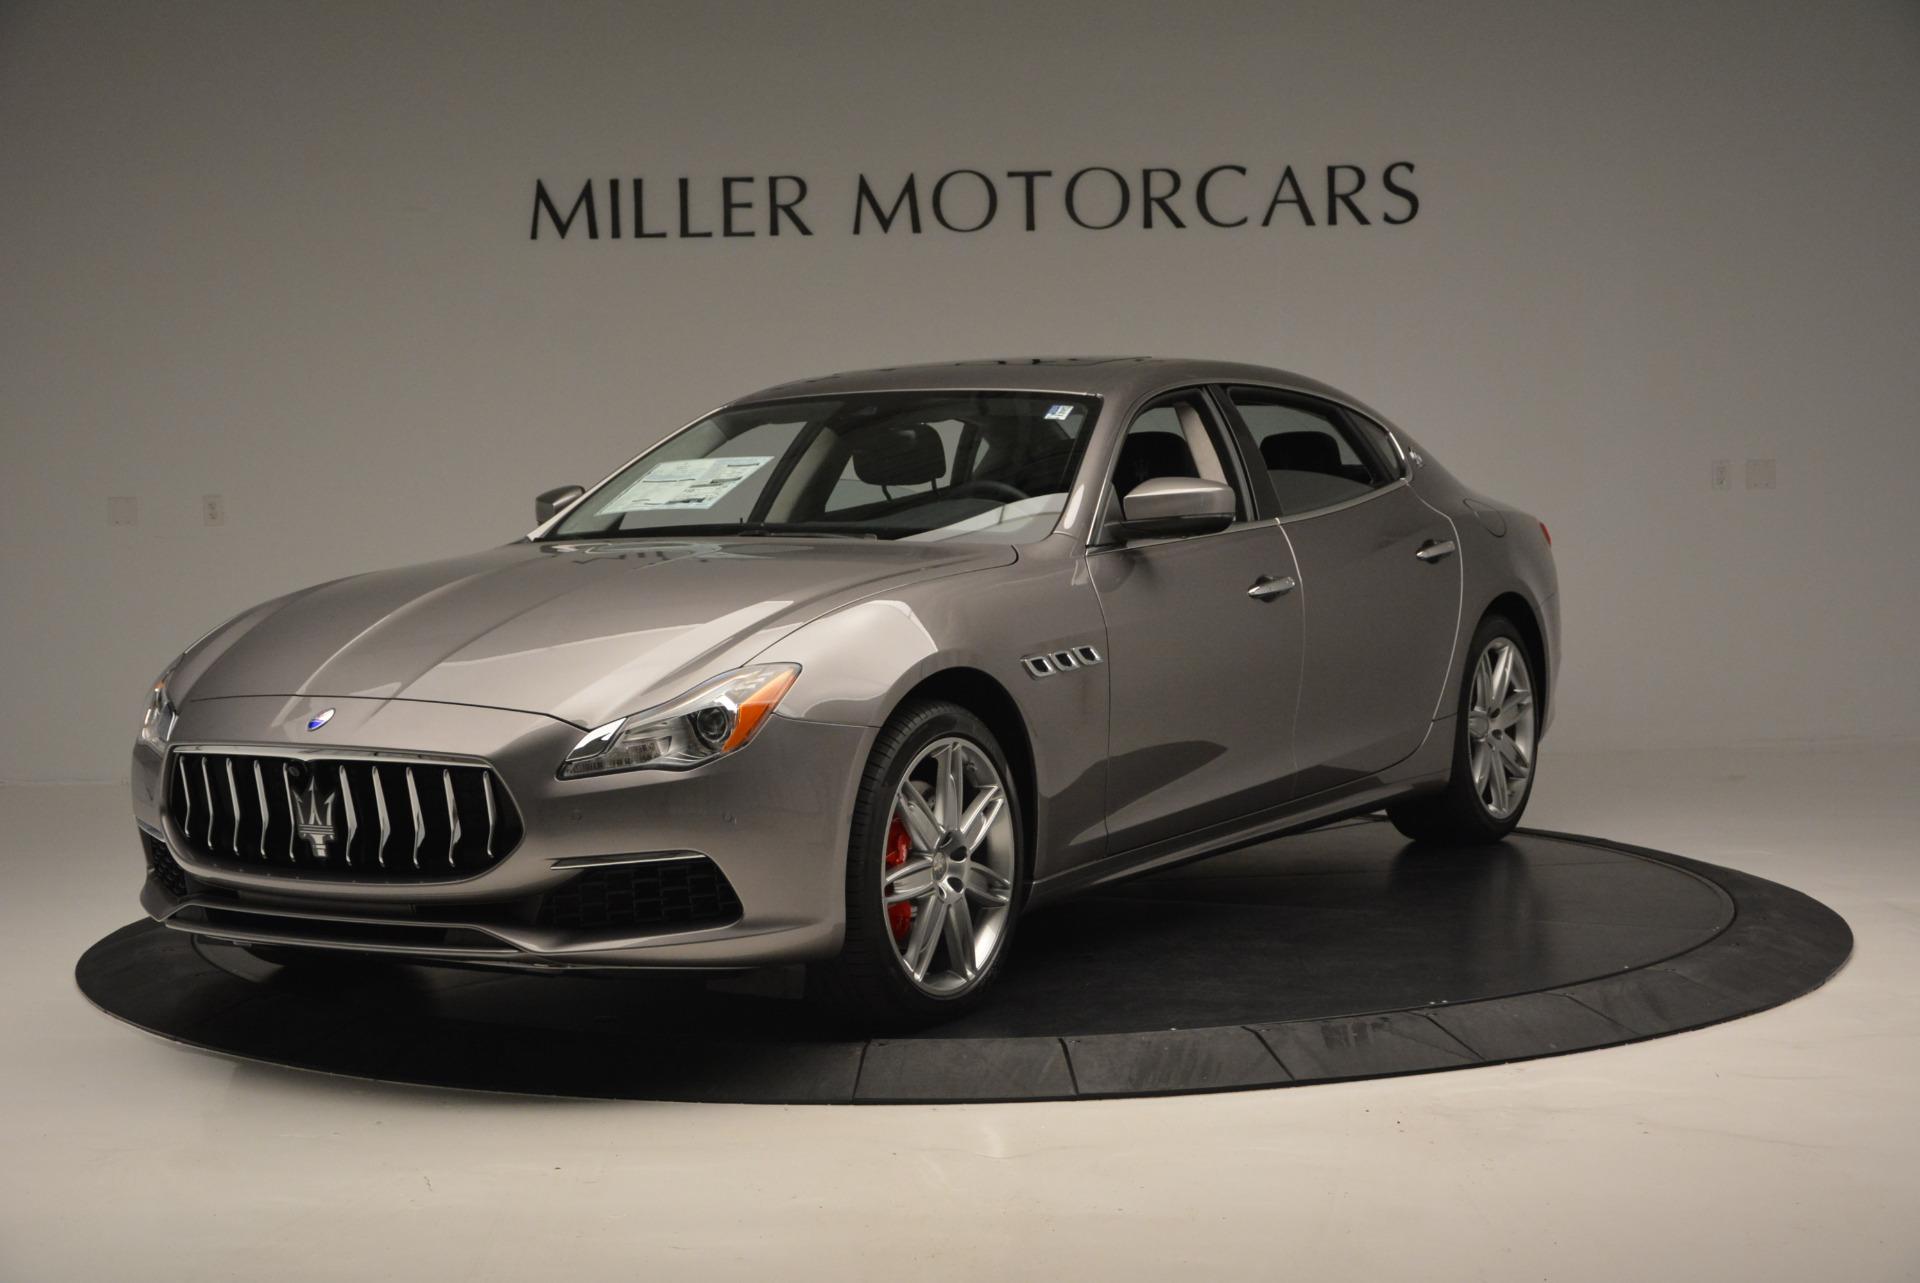 New 2017 Maserati Quattroporte S Q4 GranLusso For Sale In Greenwich, CT. Alfa Romeo of Greenwich, M1686 611_main